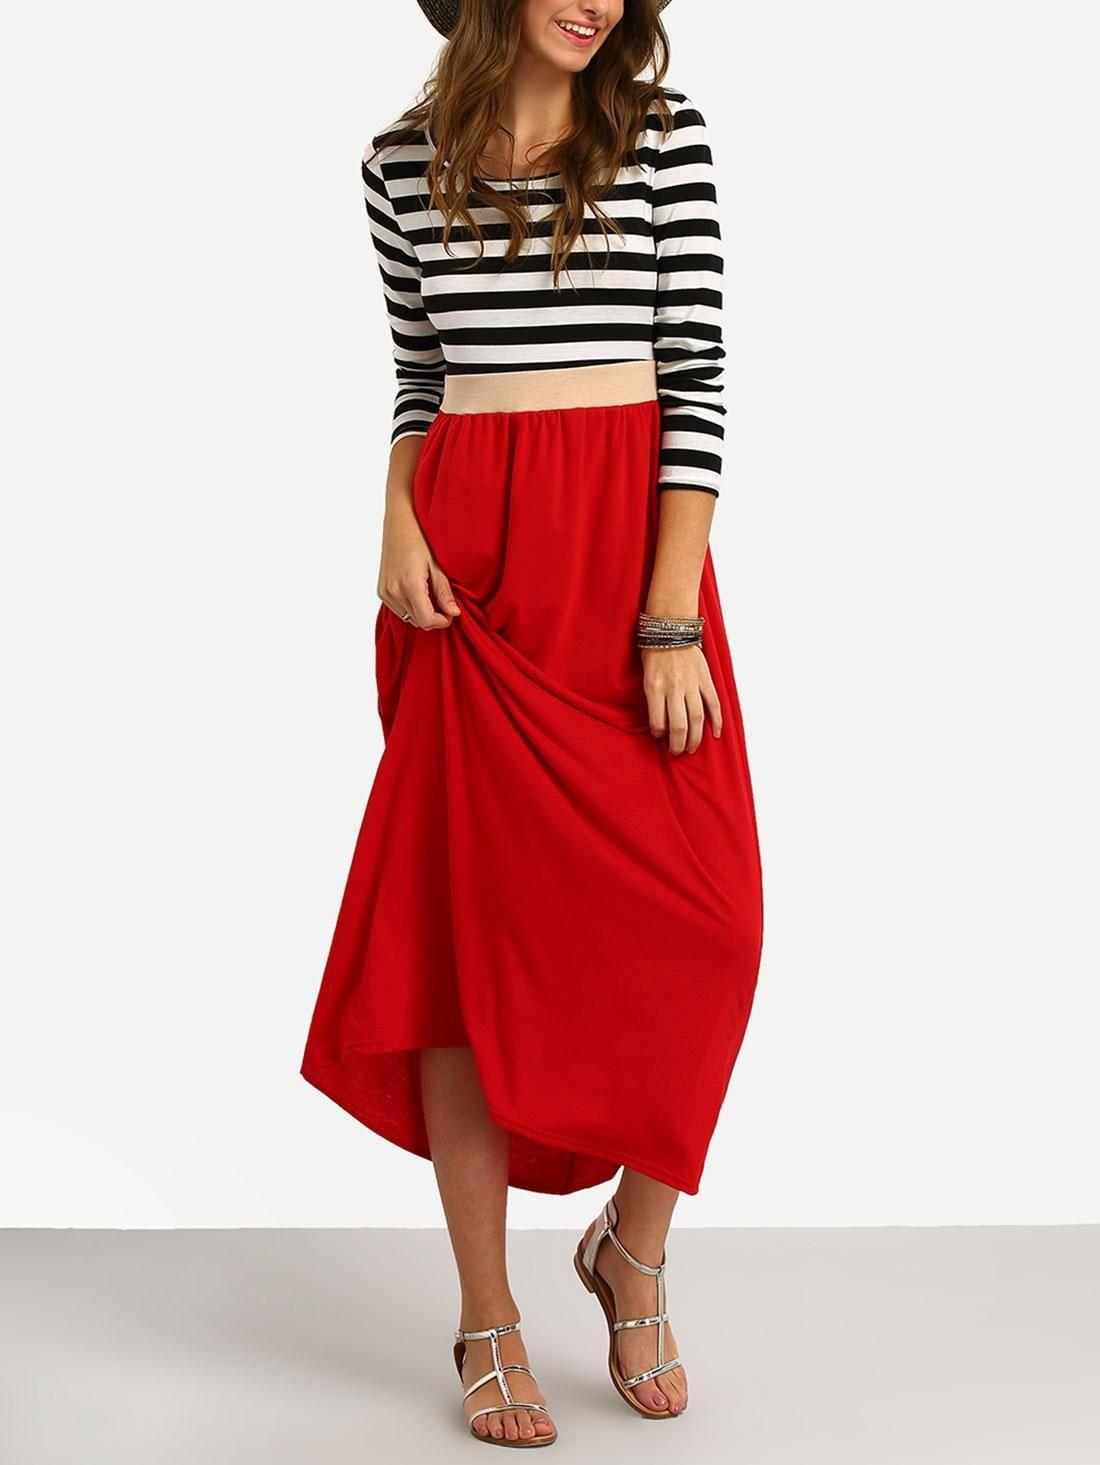 Adorewe shein sheindesigner womens contrast striped in